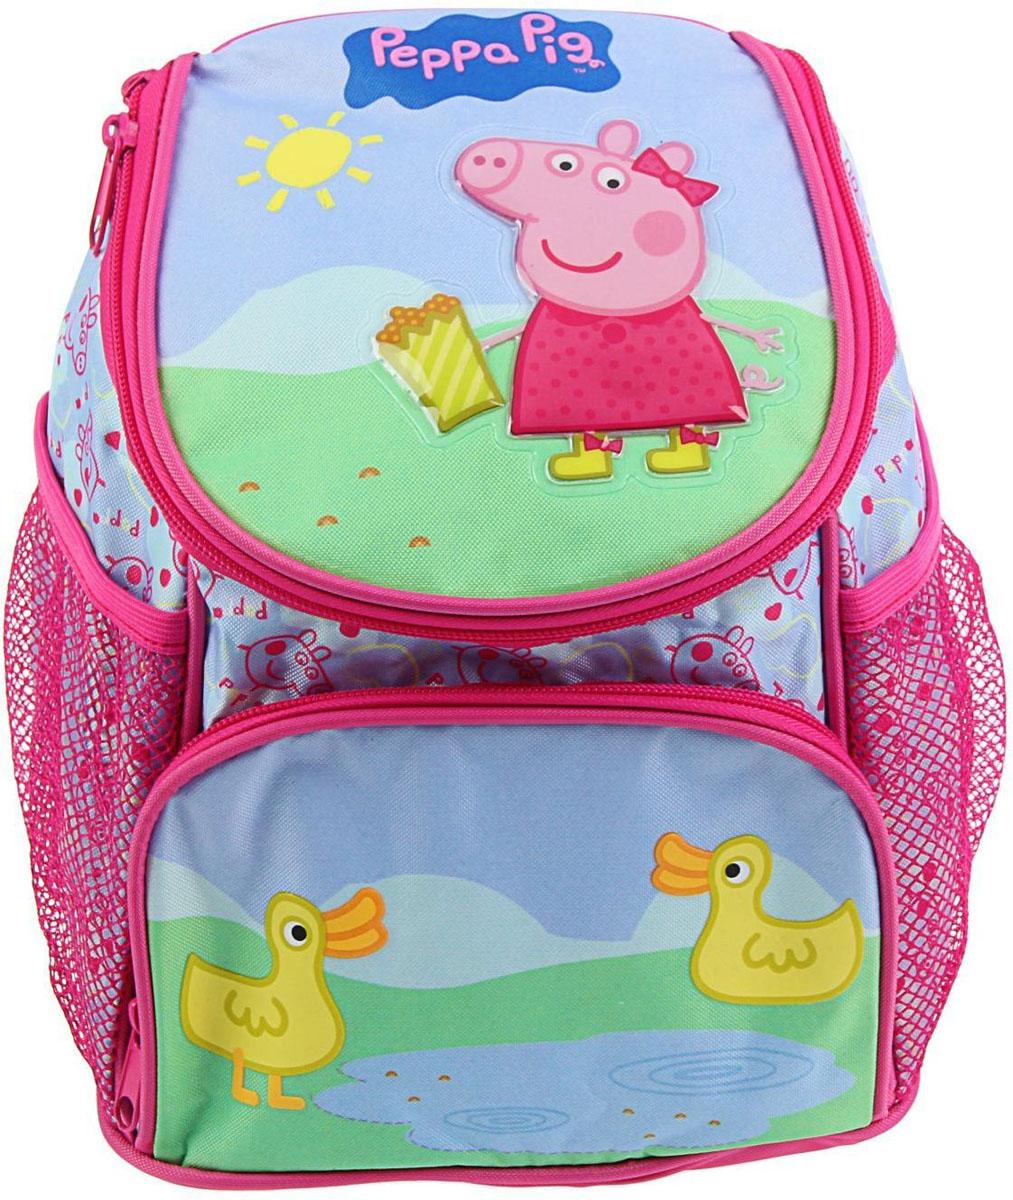 Peppa Pig Рюкзак детский Утка1392320Яркий, пёстрый и невероятно милый Рюкзачок детский Свинка Пеппа. Утка сиреневый 23*19*8 см позволит вашему чаду почувствовать себя самостоятельным, приучит его к аккуратности и дисциплине.Такой изысканный текстильный мини-рюкзак девочки могут использовать как косметичку, складывая туда детскую помаду и блёстки. А парни с удовольствием положат туда несколько любимых машинок и футбольный мяч или, позабыв обо всём, будут бегать с друзьями во дворе, поместив сумку себе за спину.Рюкзачок детский Свинка Пеппа. Утка сиреневый 23*19*8 см — прекрасный подарок ребёнку на день рождения или стимул начать подготовку к новому учебному году. Осчастливьте своё дитя красивой и надёжной вещью, и его радостная улыбка будет для вас заслуженной наградой!